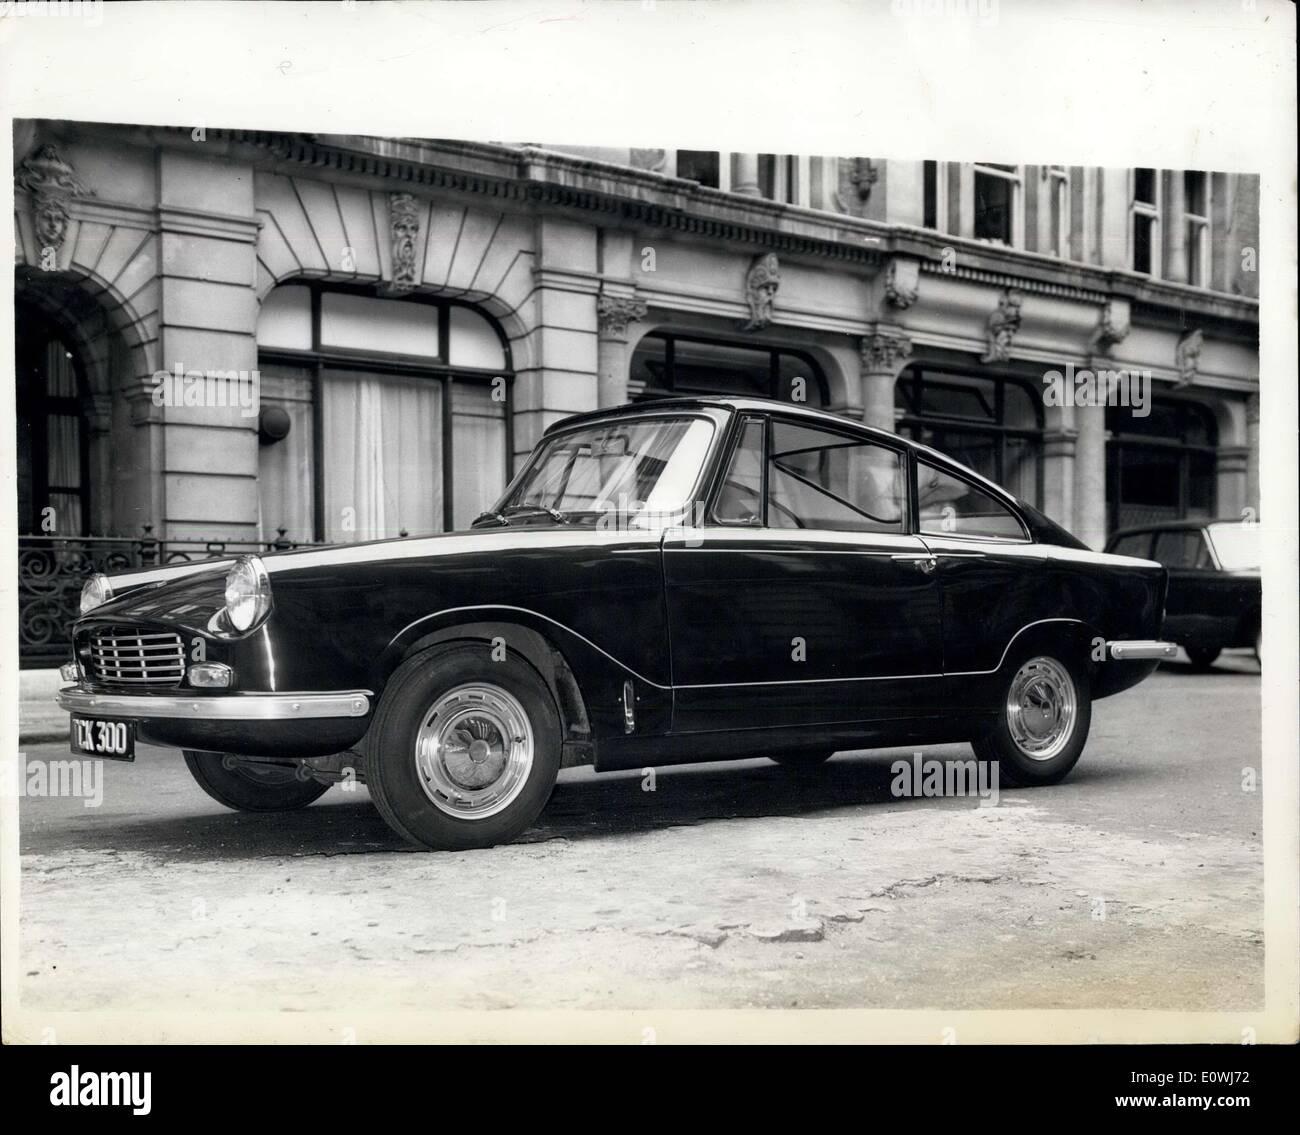 22. Mai 1963 - New Bond Equipe G.T: heute wurde der neue Bond Equipe GT eingeführt. Es ist ein Triumph Spitfire-Motor angetrieben und hat einen Triumph Herald Fahrgestell mit einem italienischen - gestylten Glas-Karosserie. Das Auto ist in der Lage 100 km/h. und die zweistrahlige Vergaser, die ein Verdichtungsverhältnis von 9-1, entwickelt von 63 PS bei 5.750 u/min. Bond Equipe beschleunigt von 0-30 in 4,3 Sekunden und von 0-60 durch die Gänge in 14 Sekunden. Die 10 Gall. Tank gibt eine Crusing-Reichweite von über 300 Meilen Stockbild